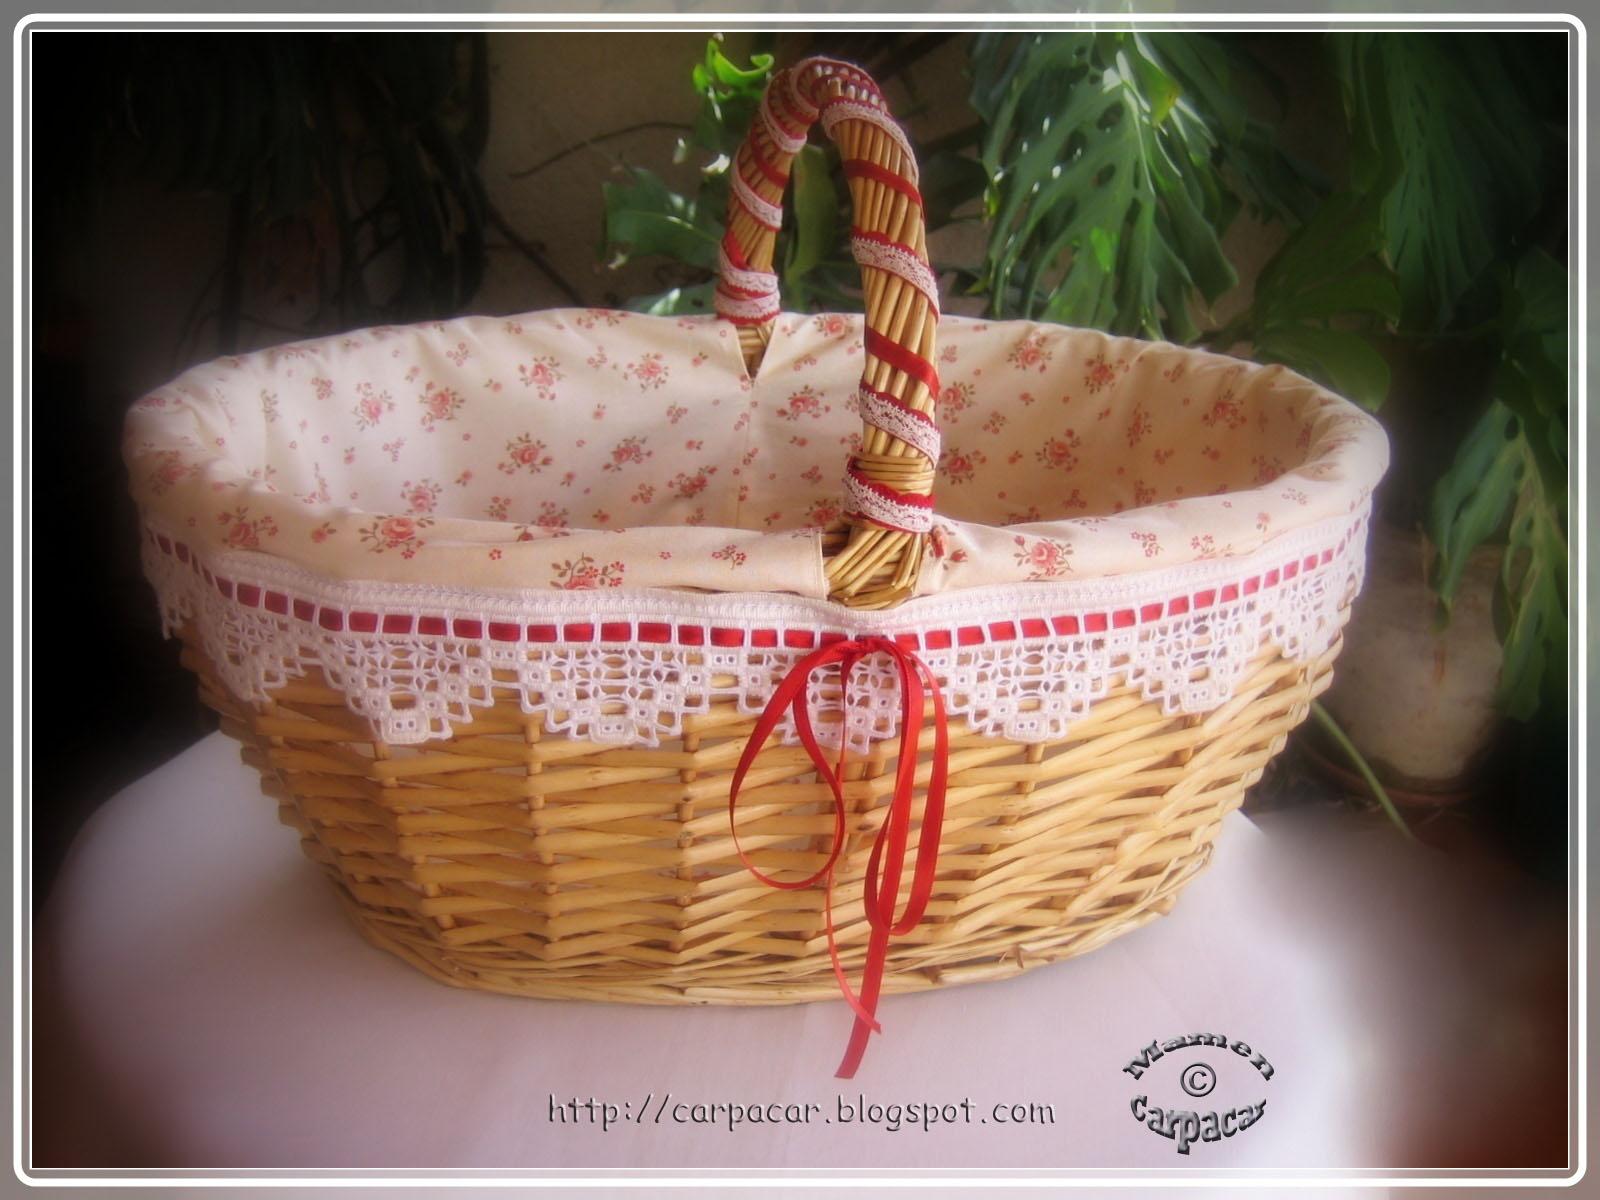 Maria enredos cestas de mimbre - Cestos de minbre ...